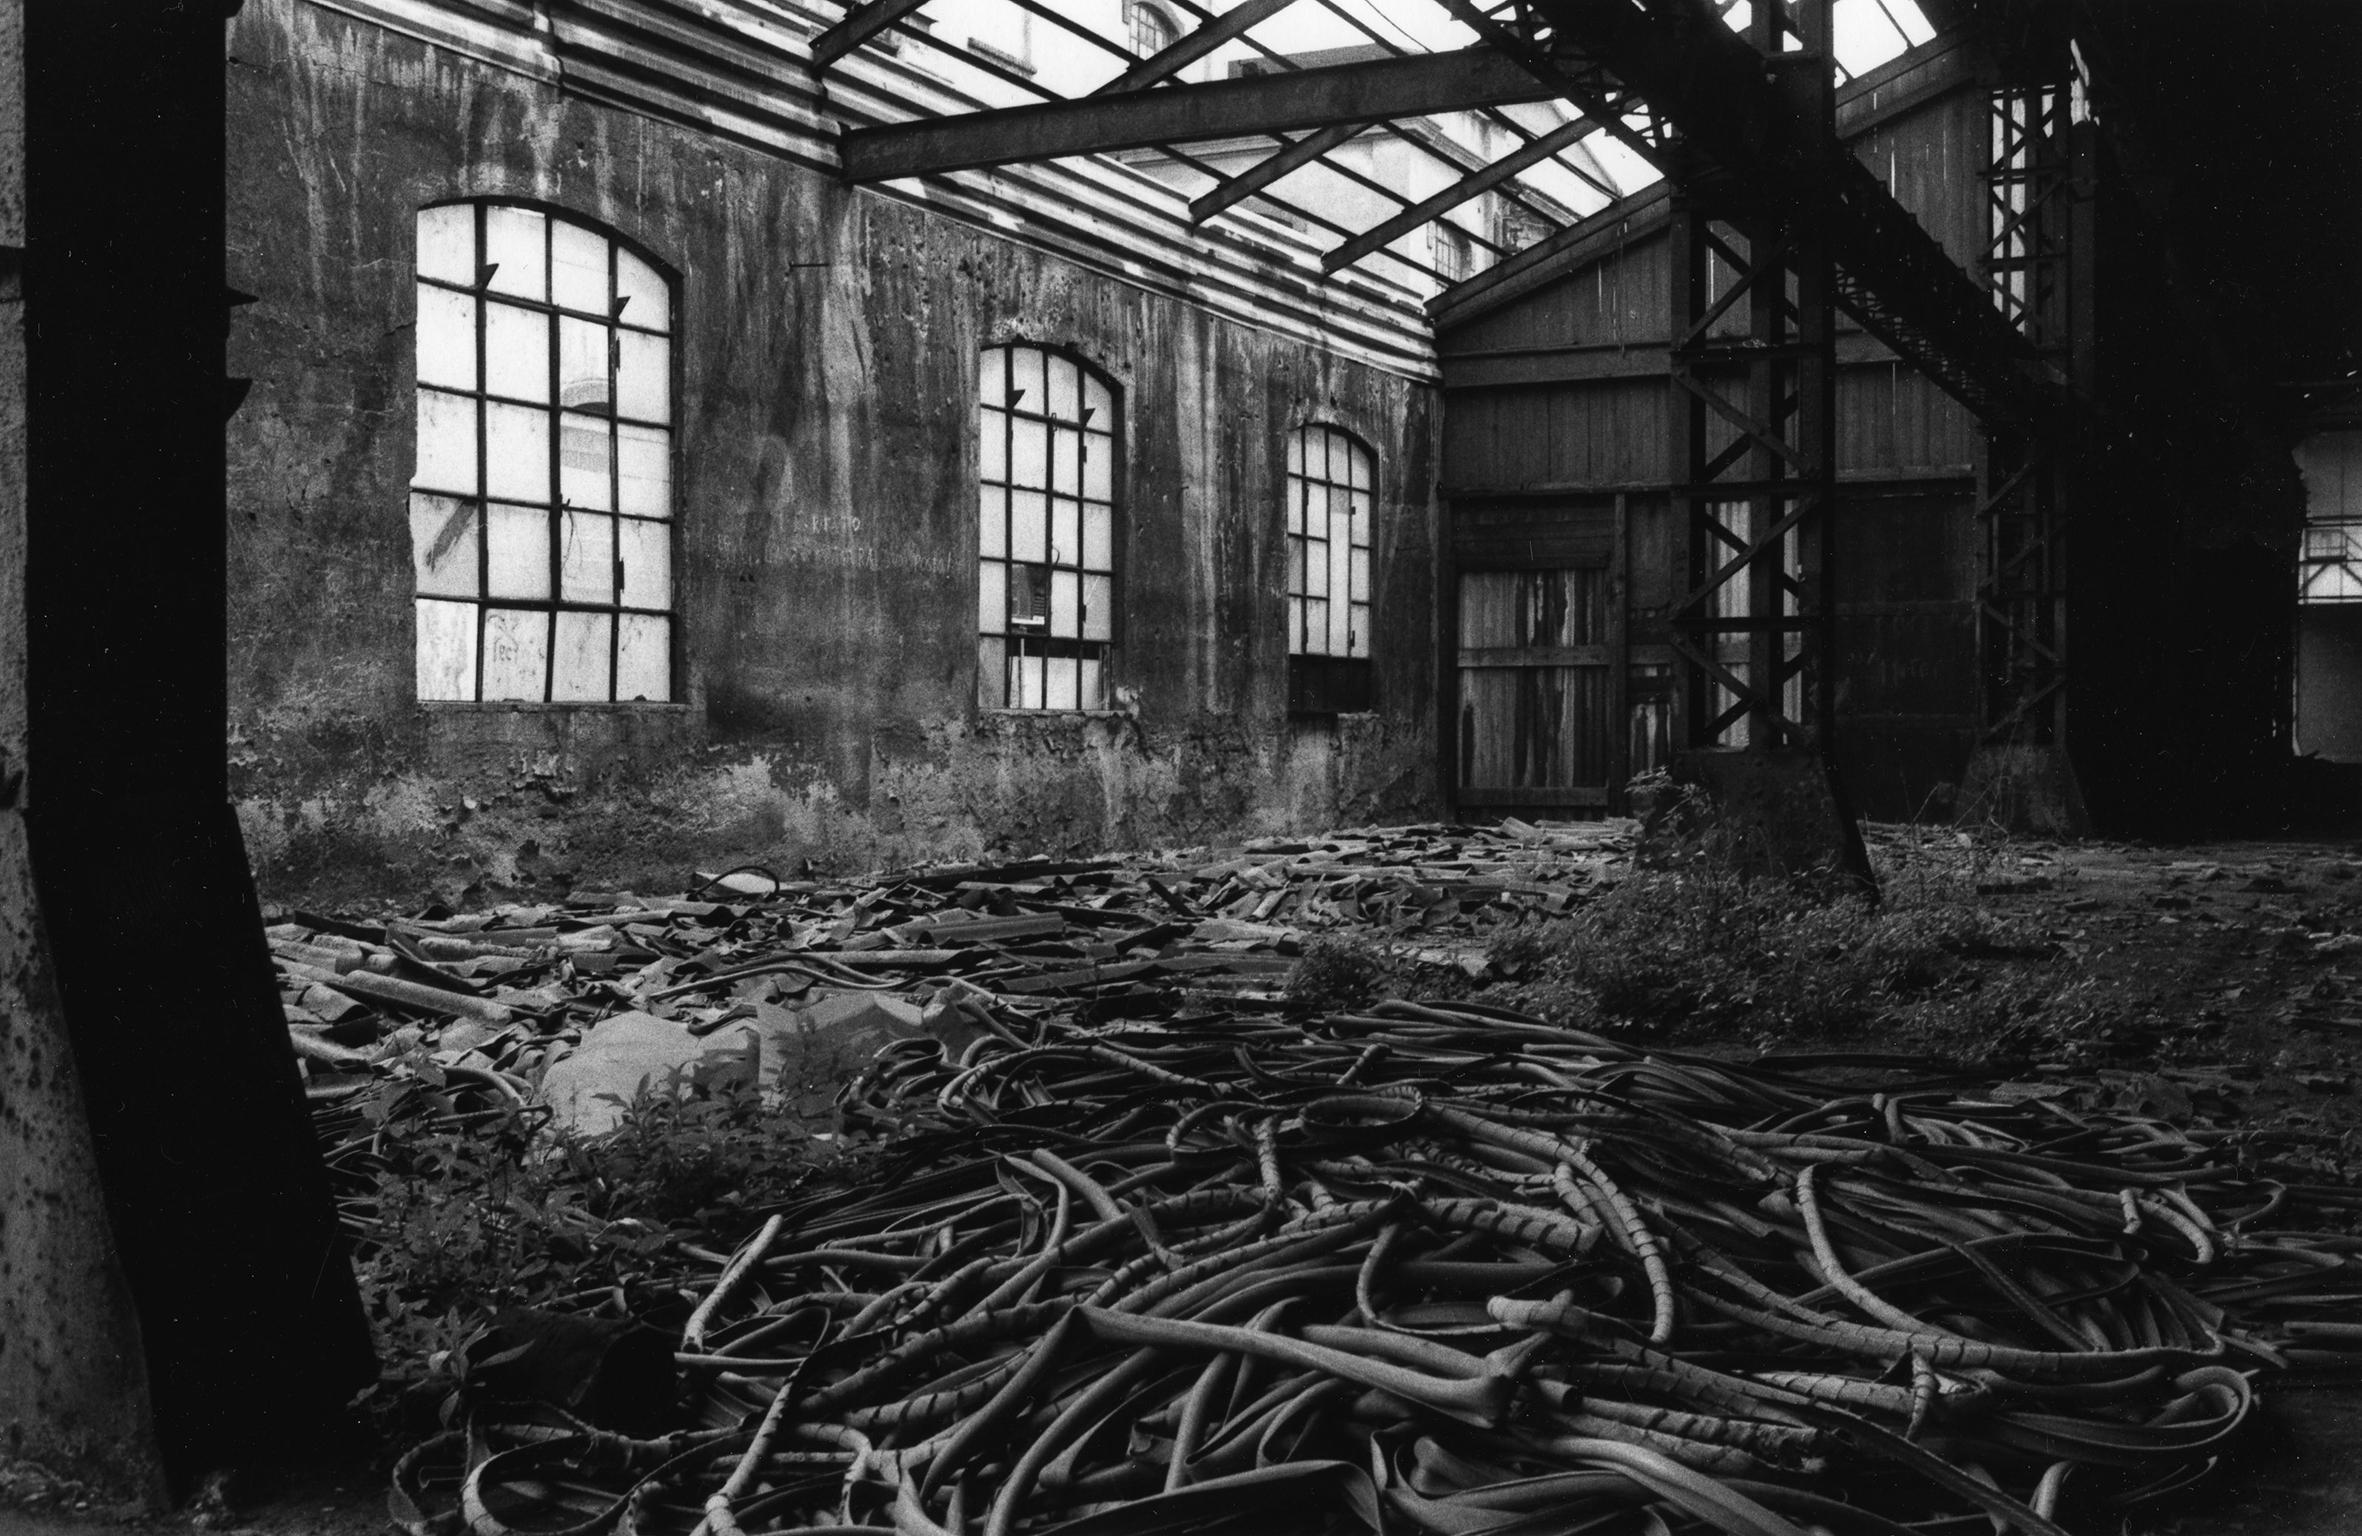 Giovanna Borgese ci offre i primi esempi di fotografia industriale, legata al mondo del lavoro. Qui Fine della fabbrica Redaelli, Milano, 1985.